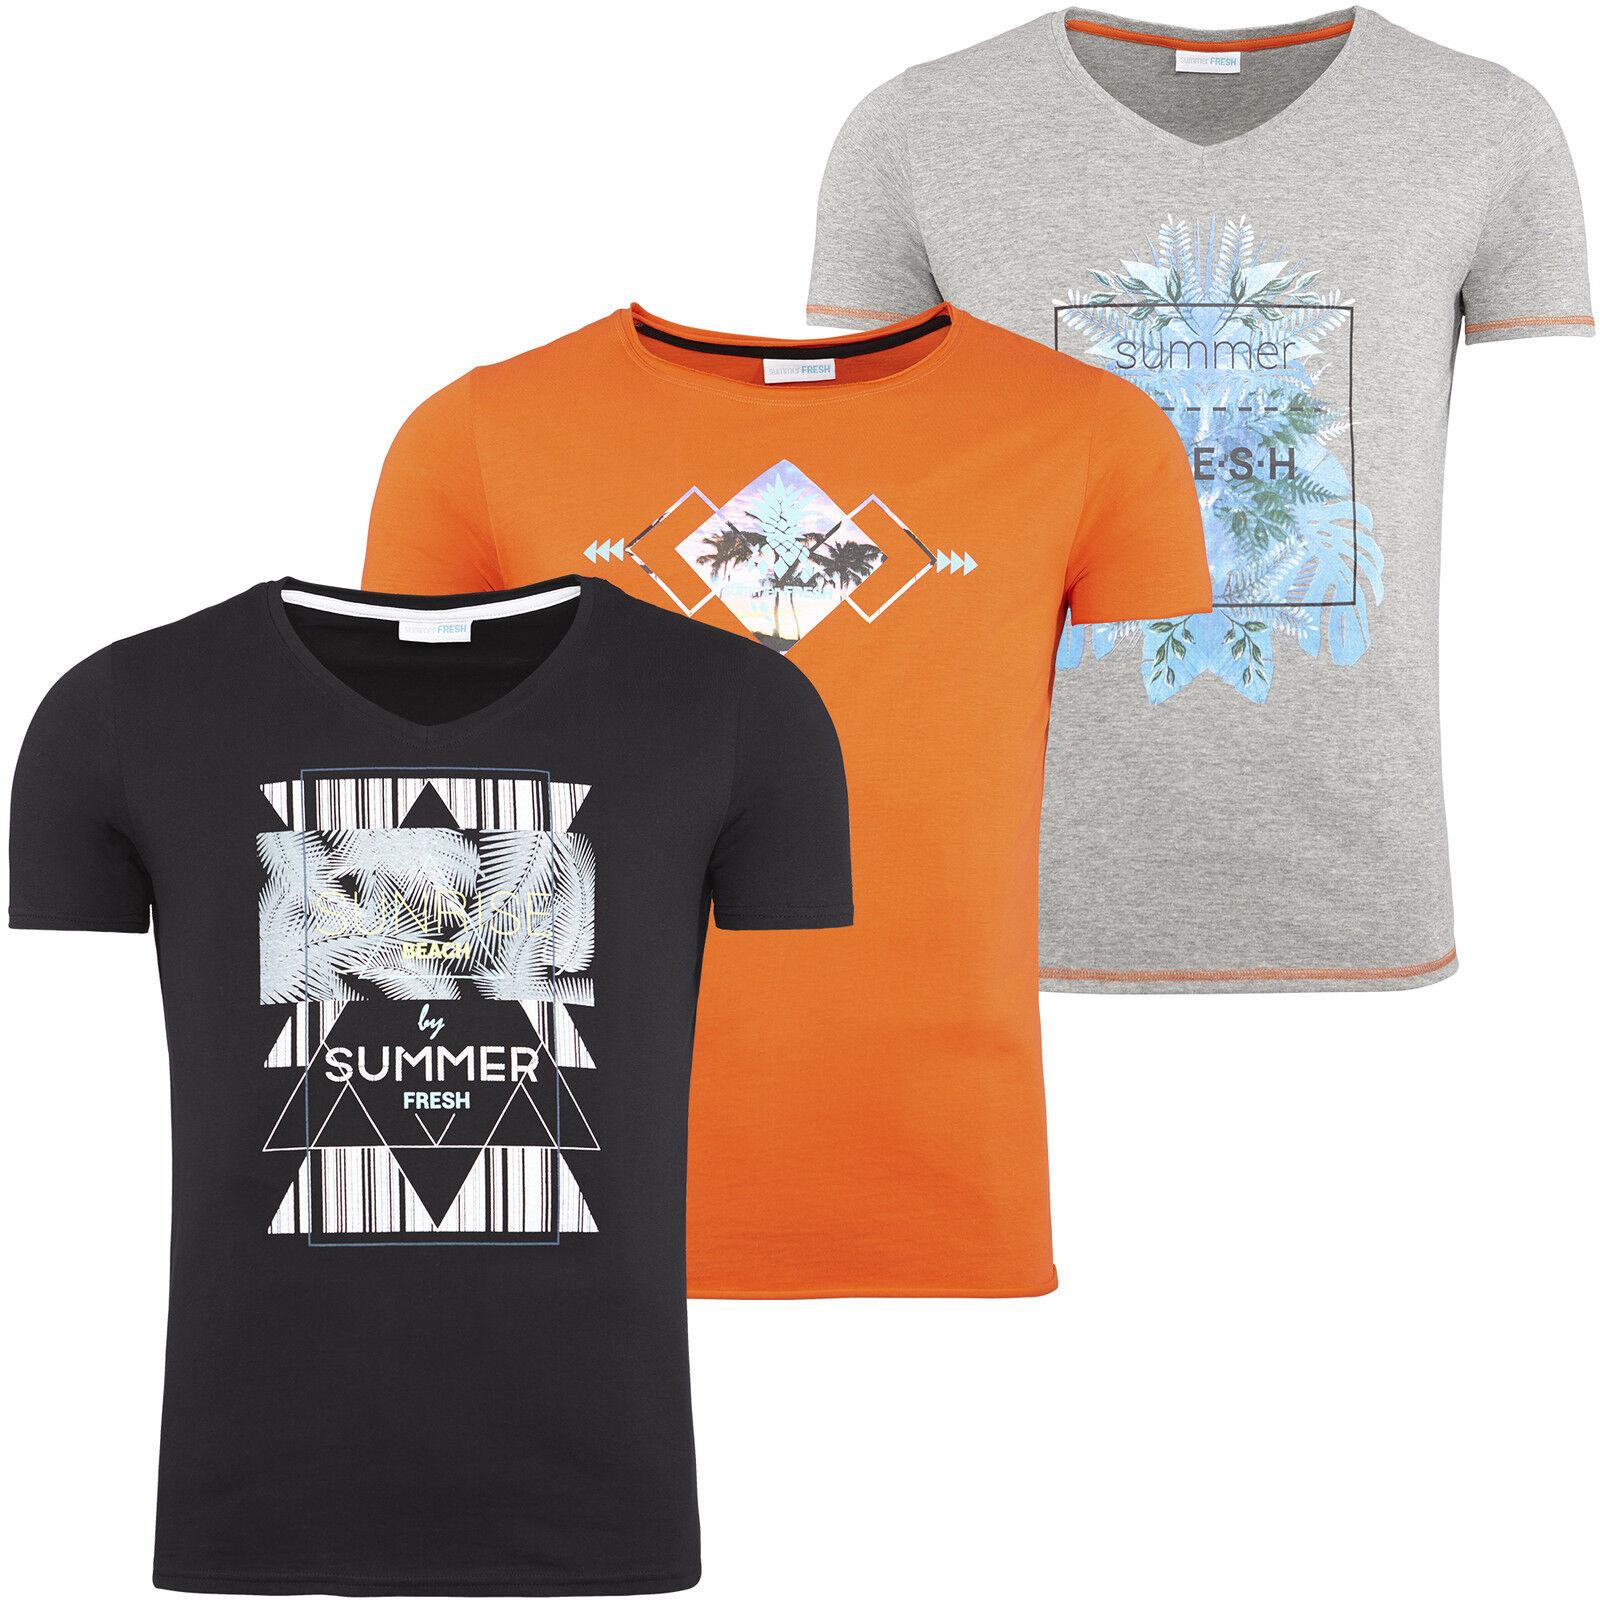 Summerfresh - T-Shirt, 100% Baumwolle, Rundhals (SF004)  | Modisch  | Hohe Qualität und geringer Aufwand  | Wunderbar